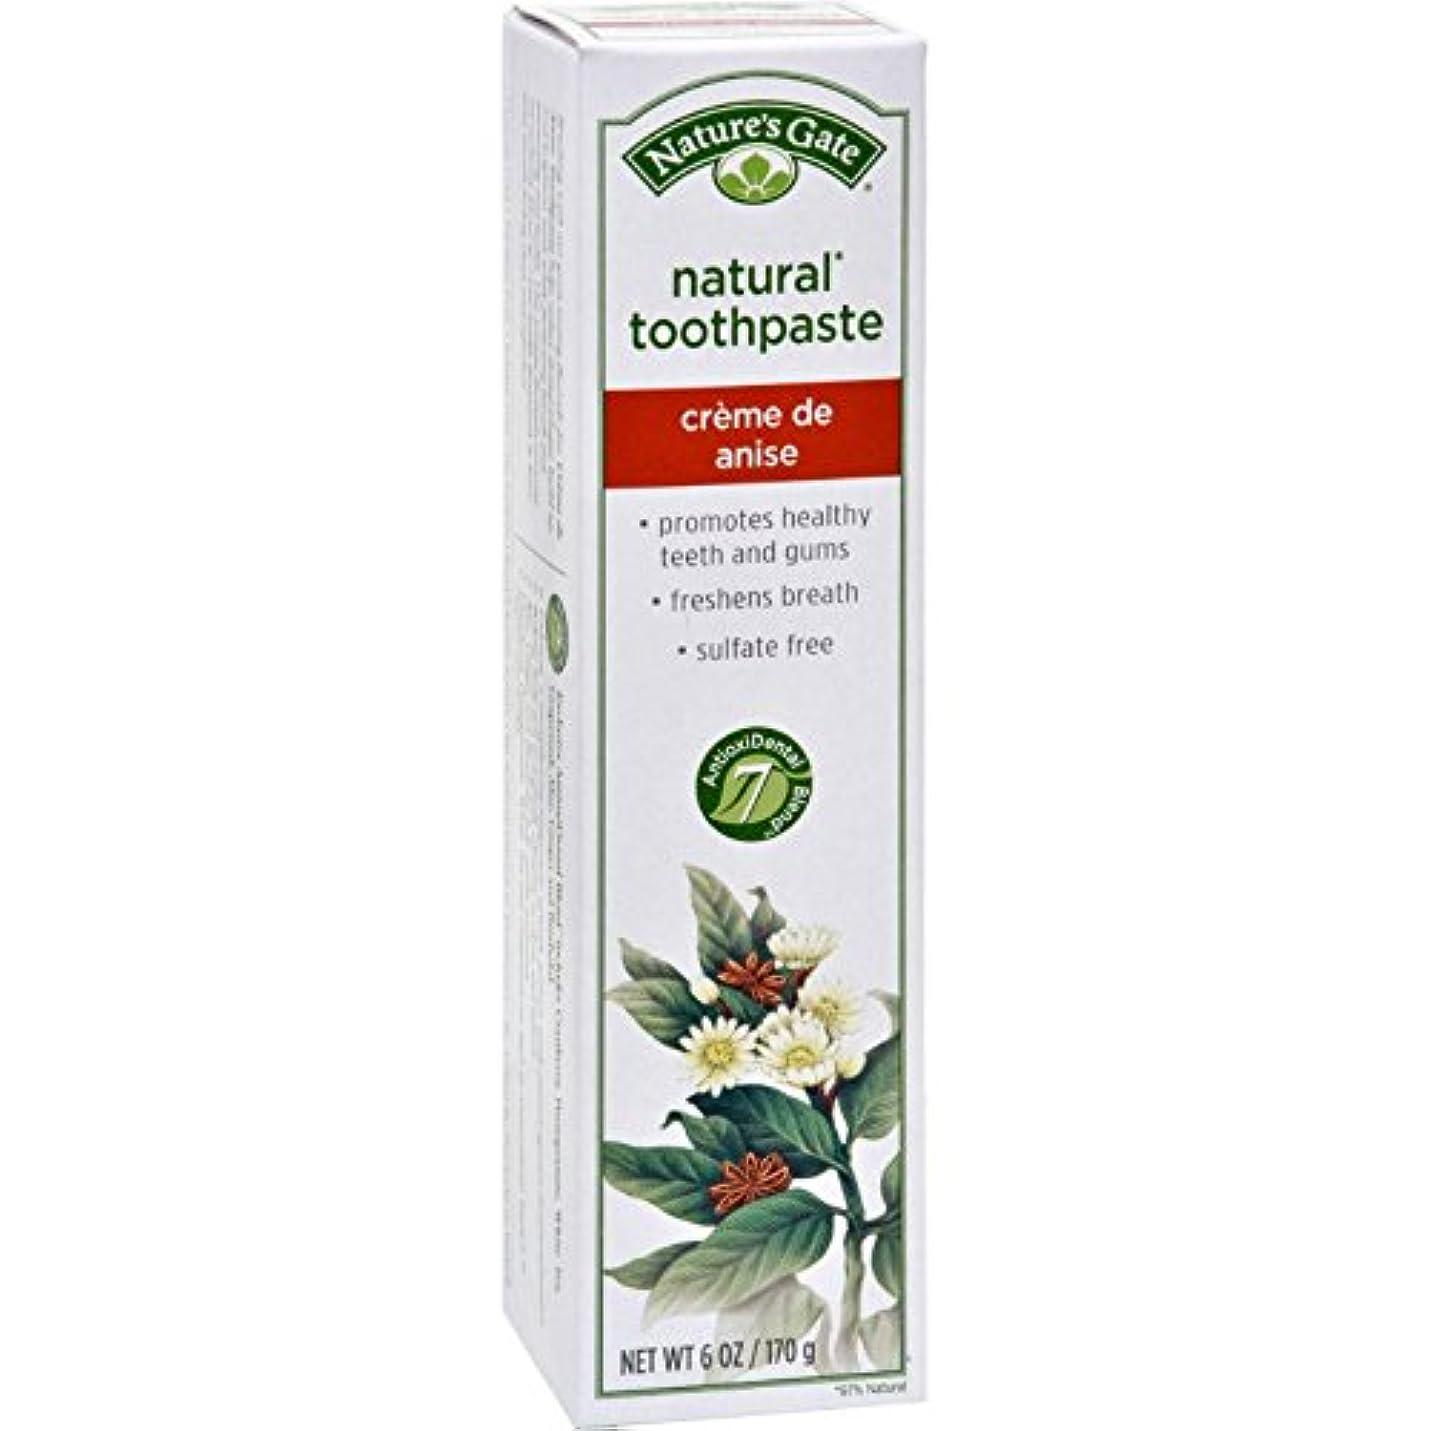 バクテリア勤勉なスラム海外直送品Toothpaste Creme De, Anise 6 Oz by Nature's Gate